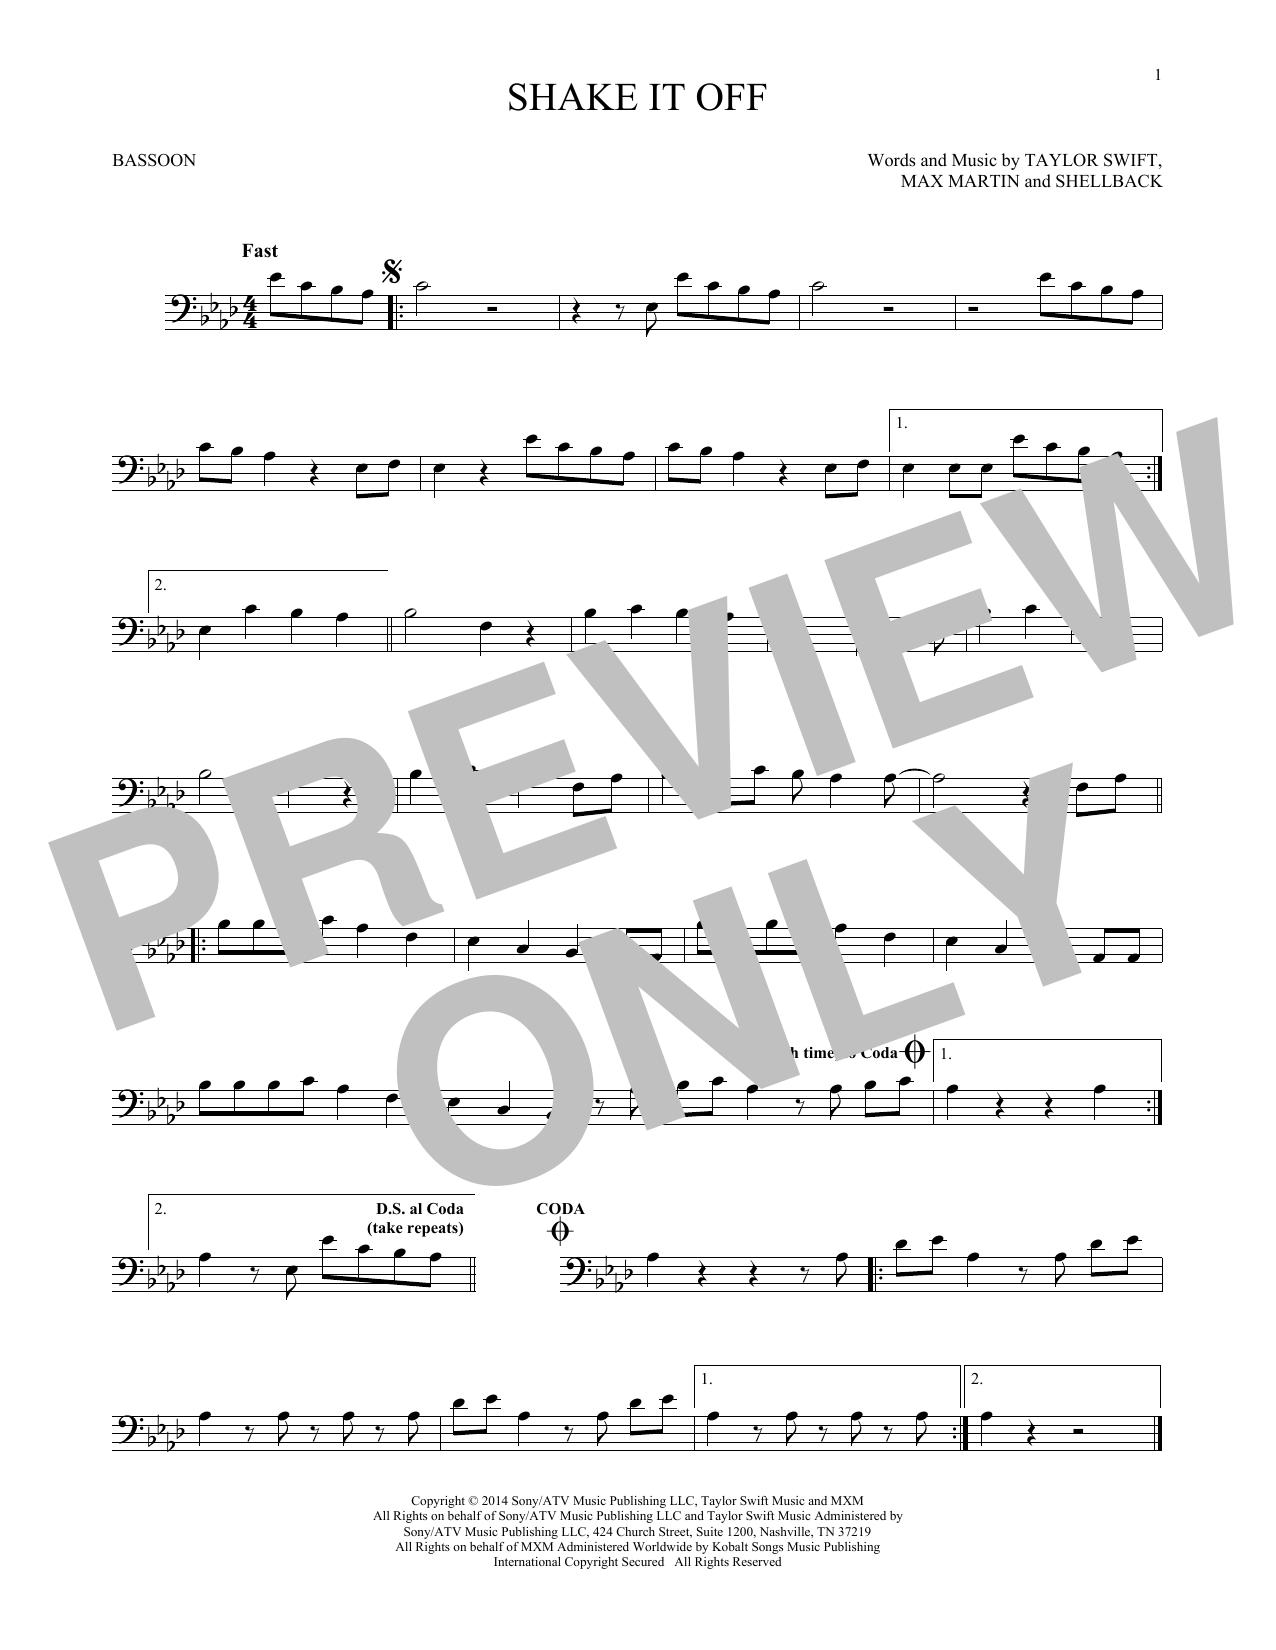 Shake It Off (Bassoon Solo)